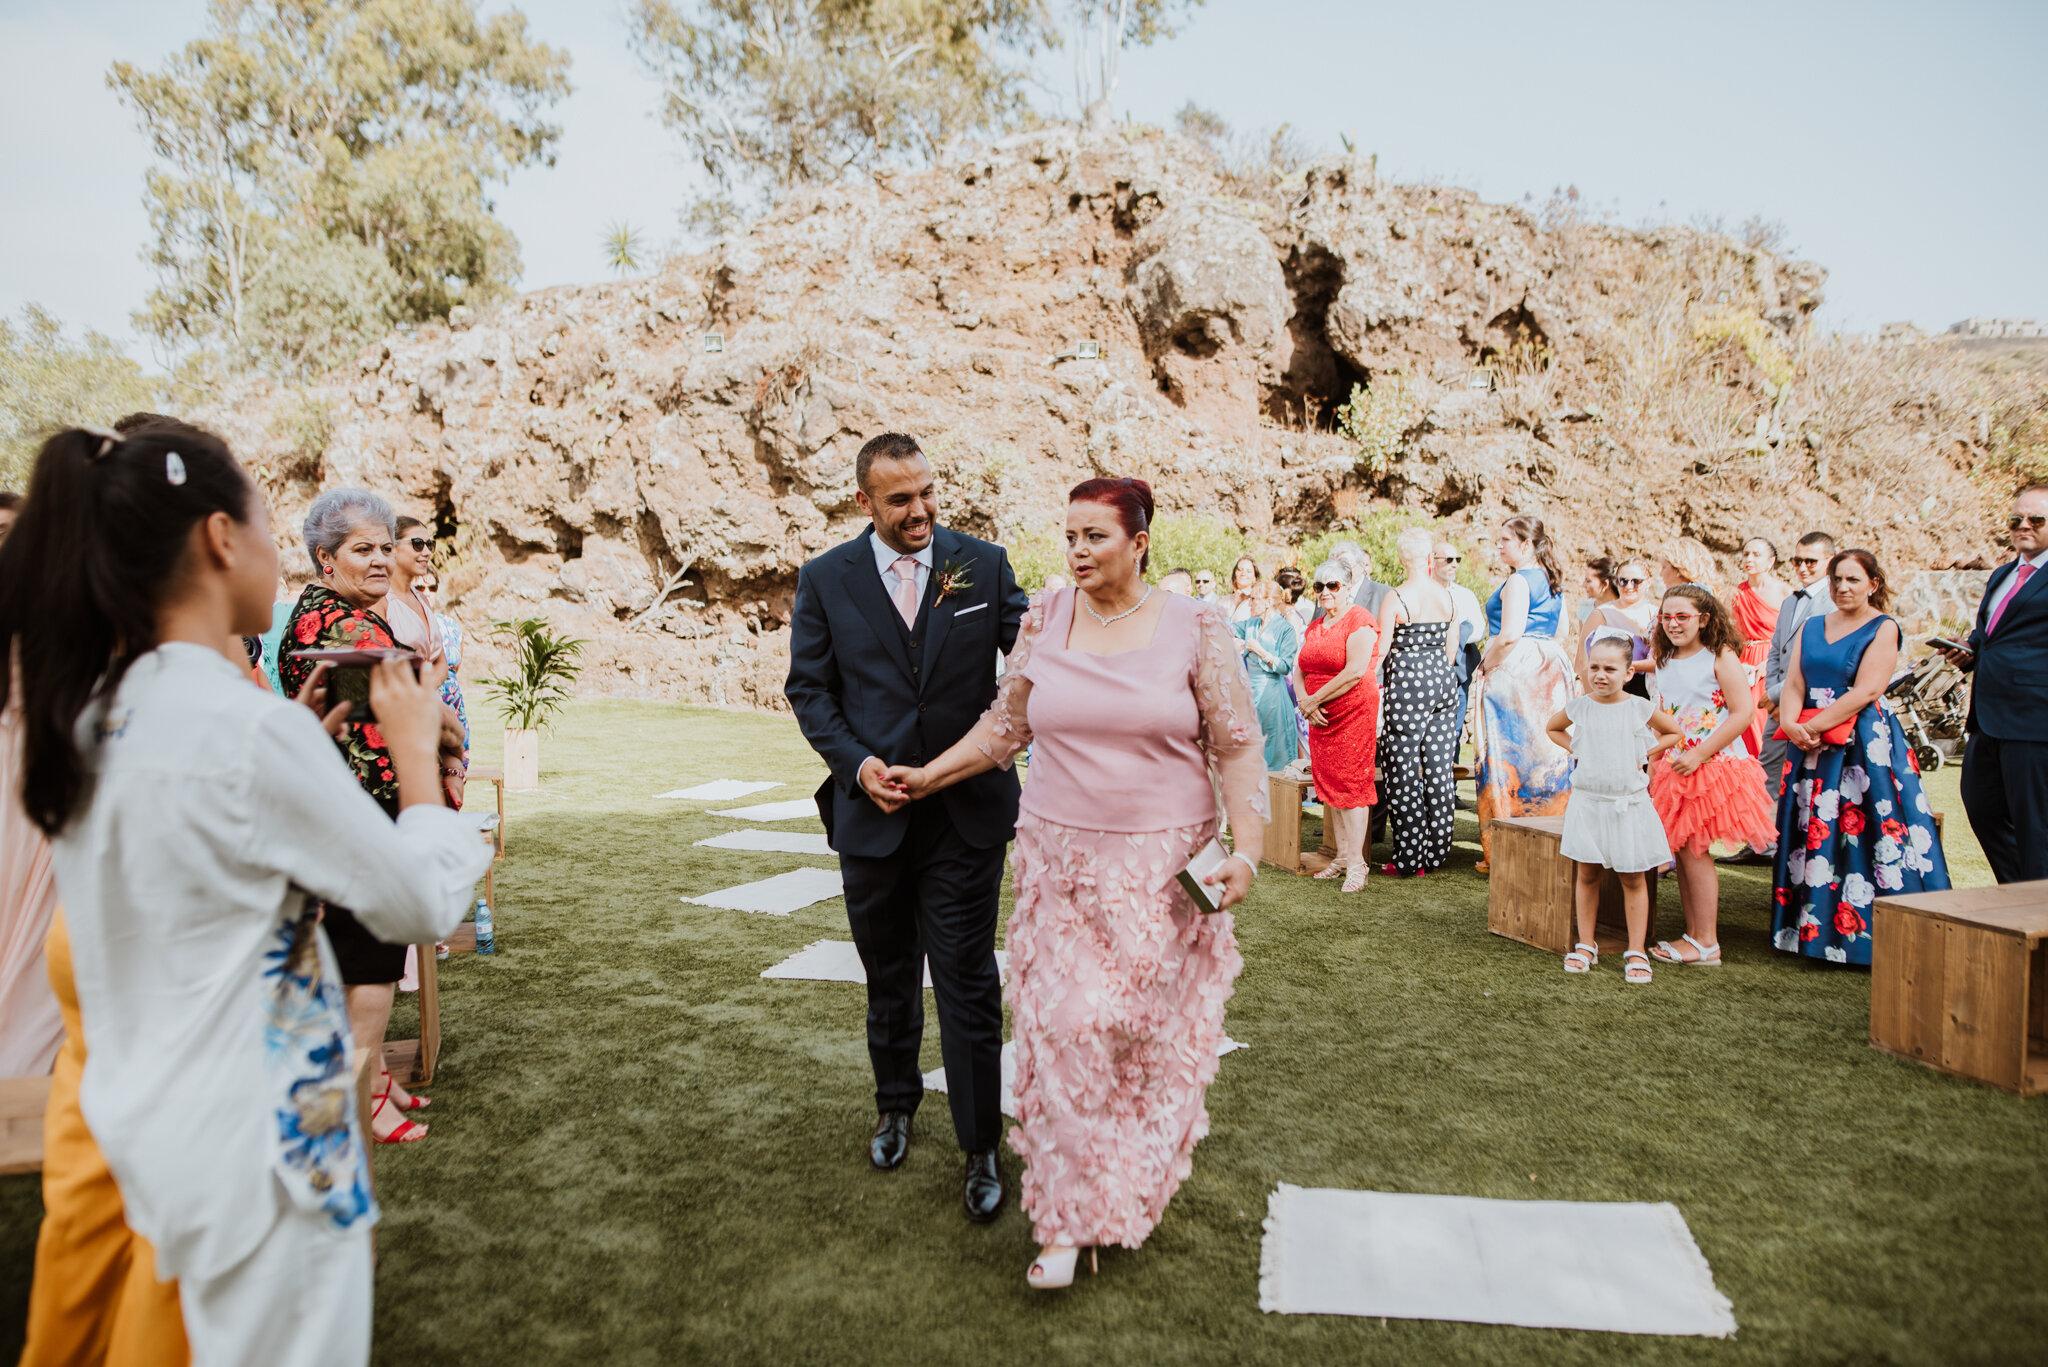 fotografo de bodas las palmas_-41.jpg